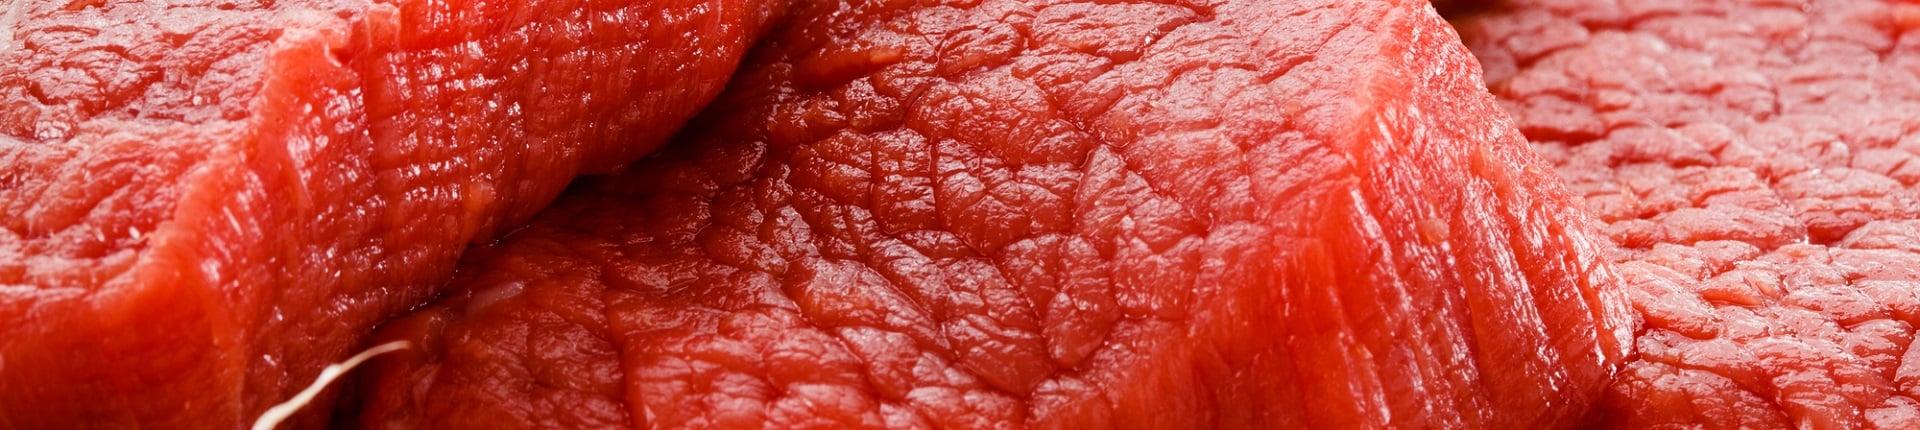 Wołowina vs. drób - porównanie okiem dietetyka